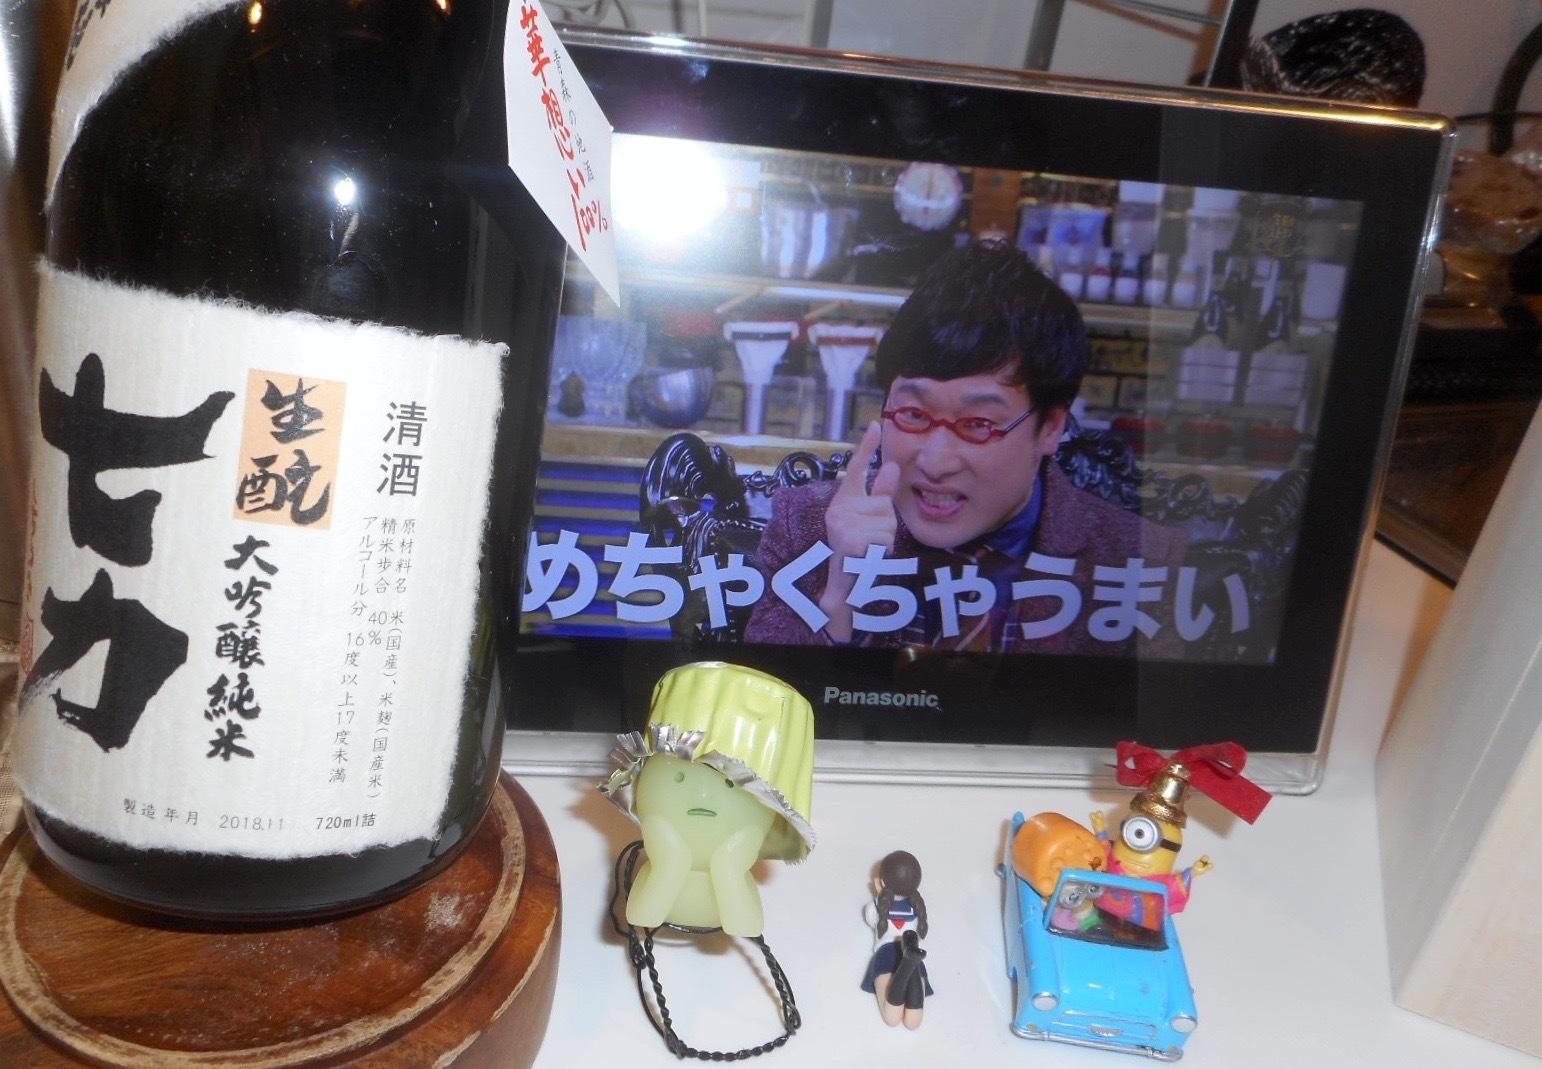 sichiriki_kimoto_jundai29by2.jpg